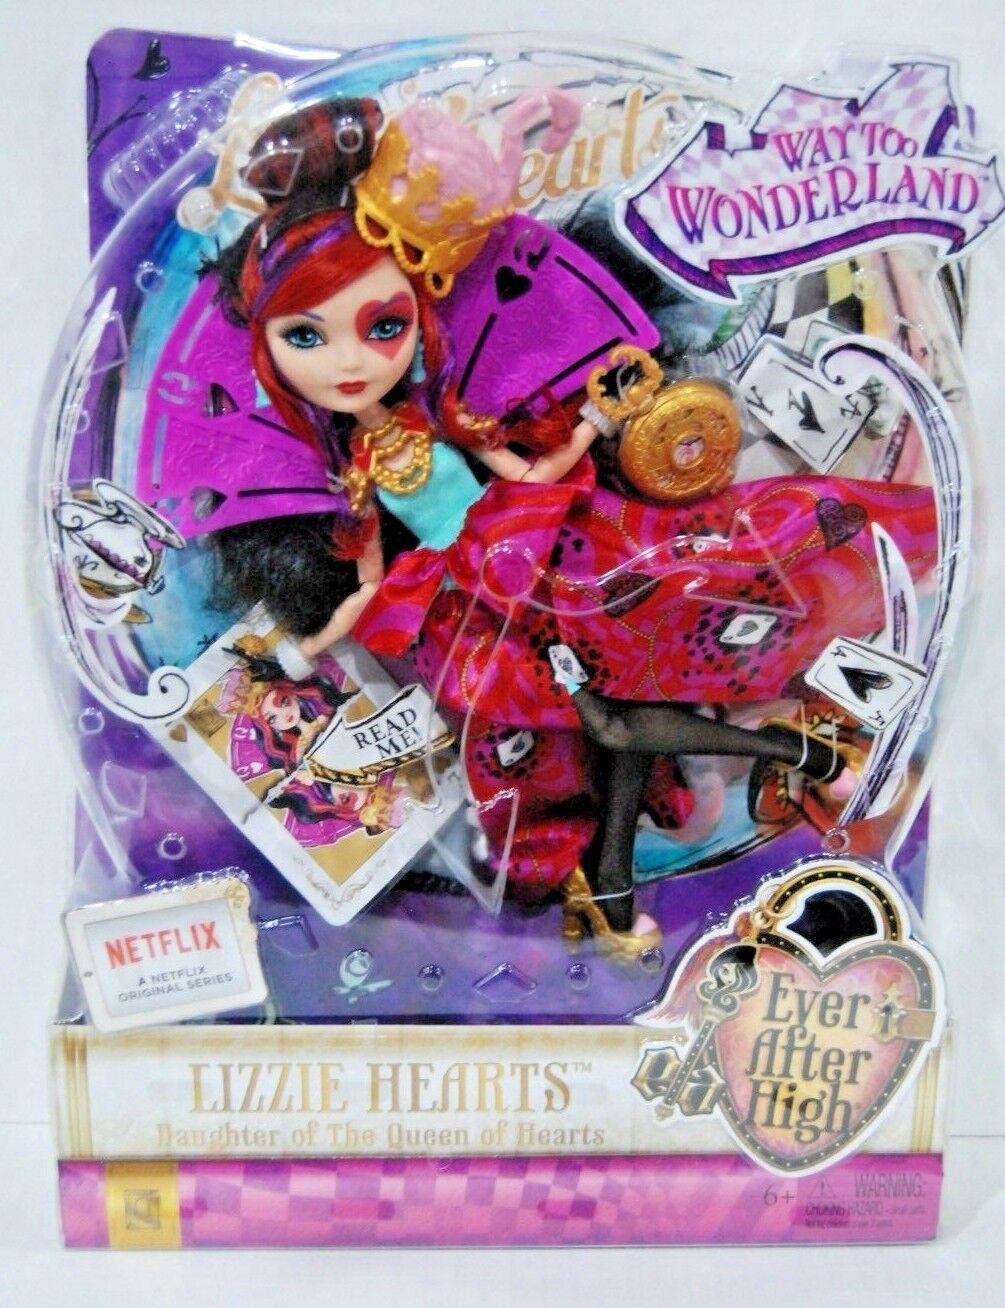 Ever After High demasiado Muñeca Lizzie Hearts País De Las Maravillas En Caja Como Nuevo Figura de juguete